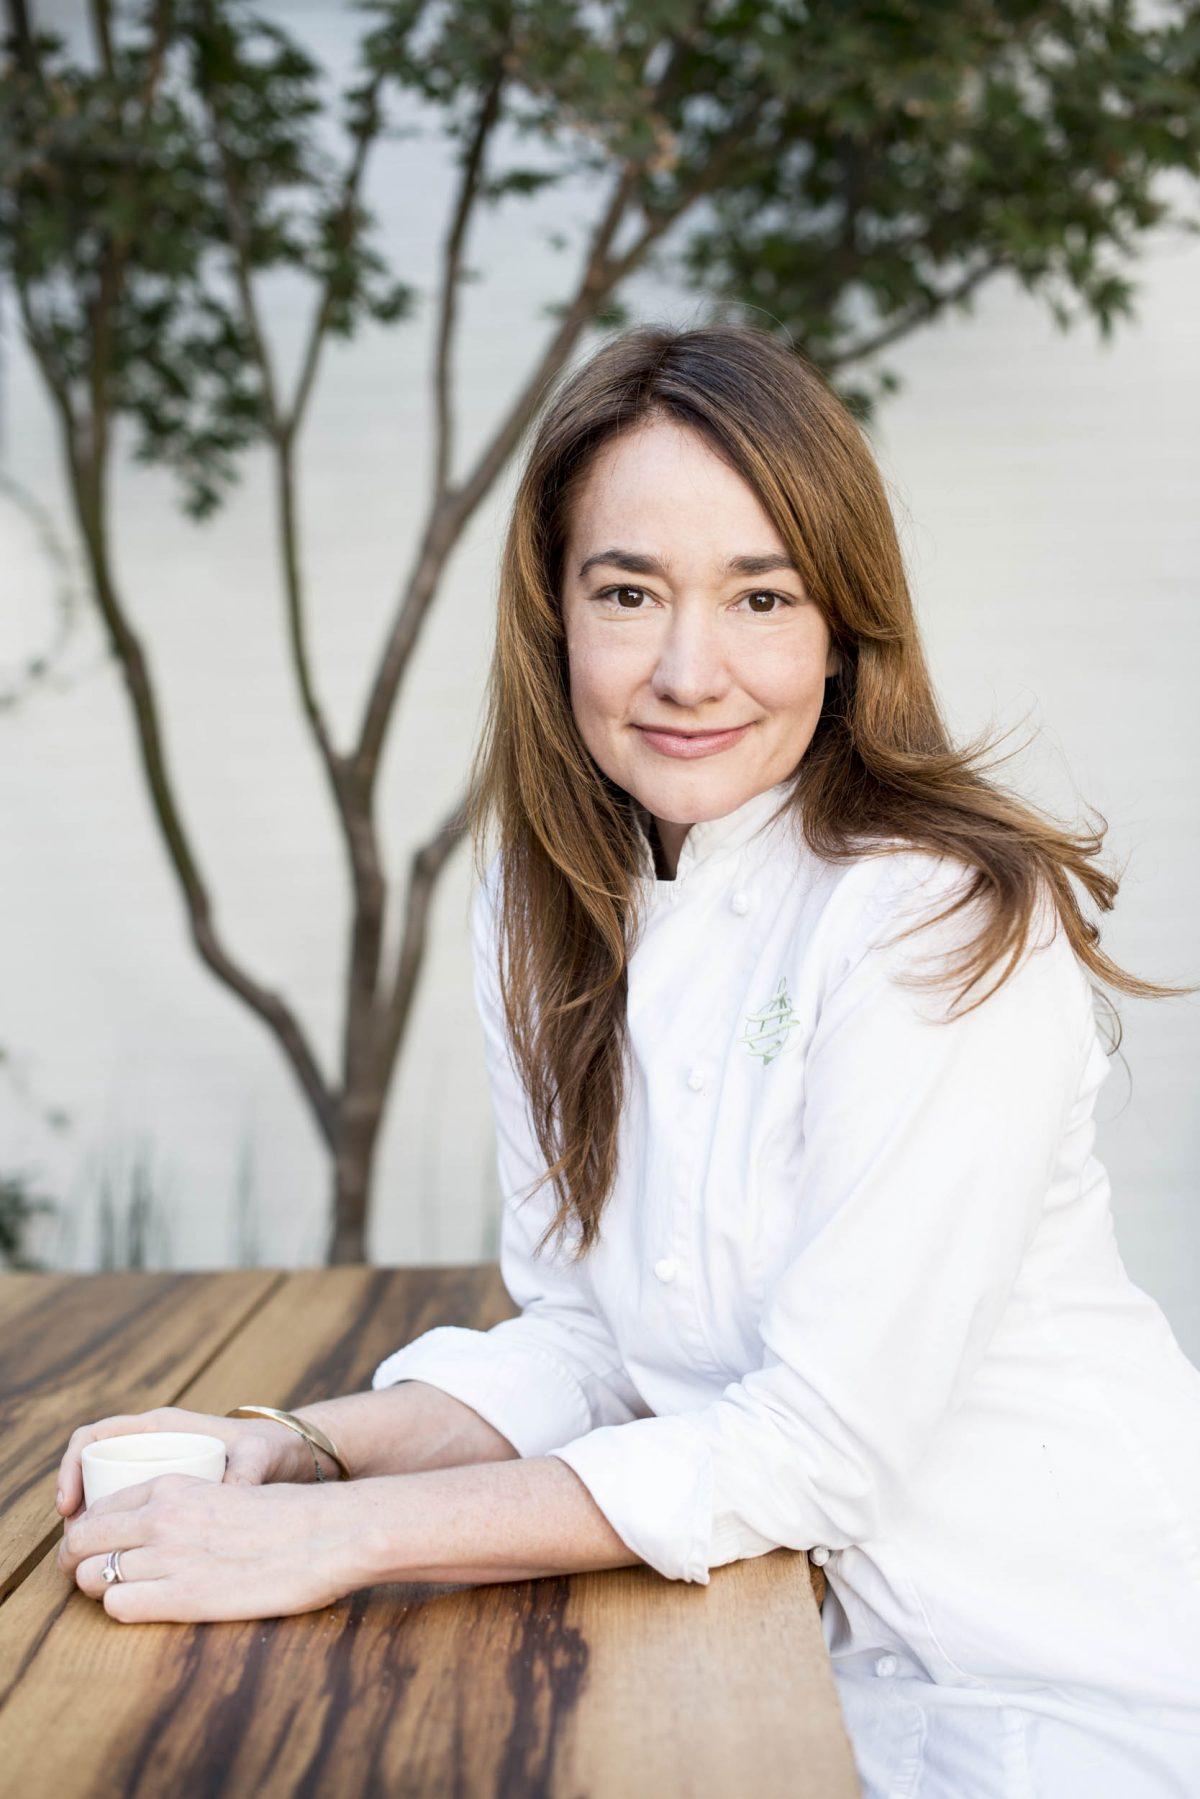 Using Her Skills for Good: James Beard Award-winning Chef Andrea Reusing